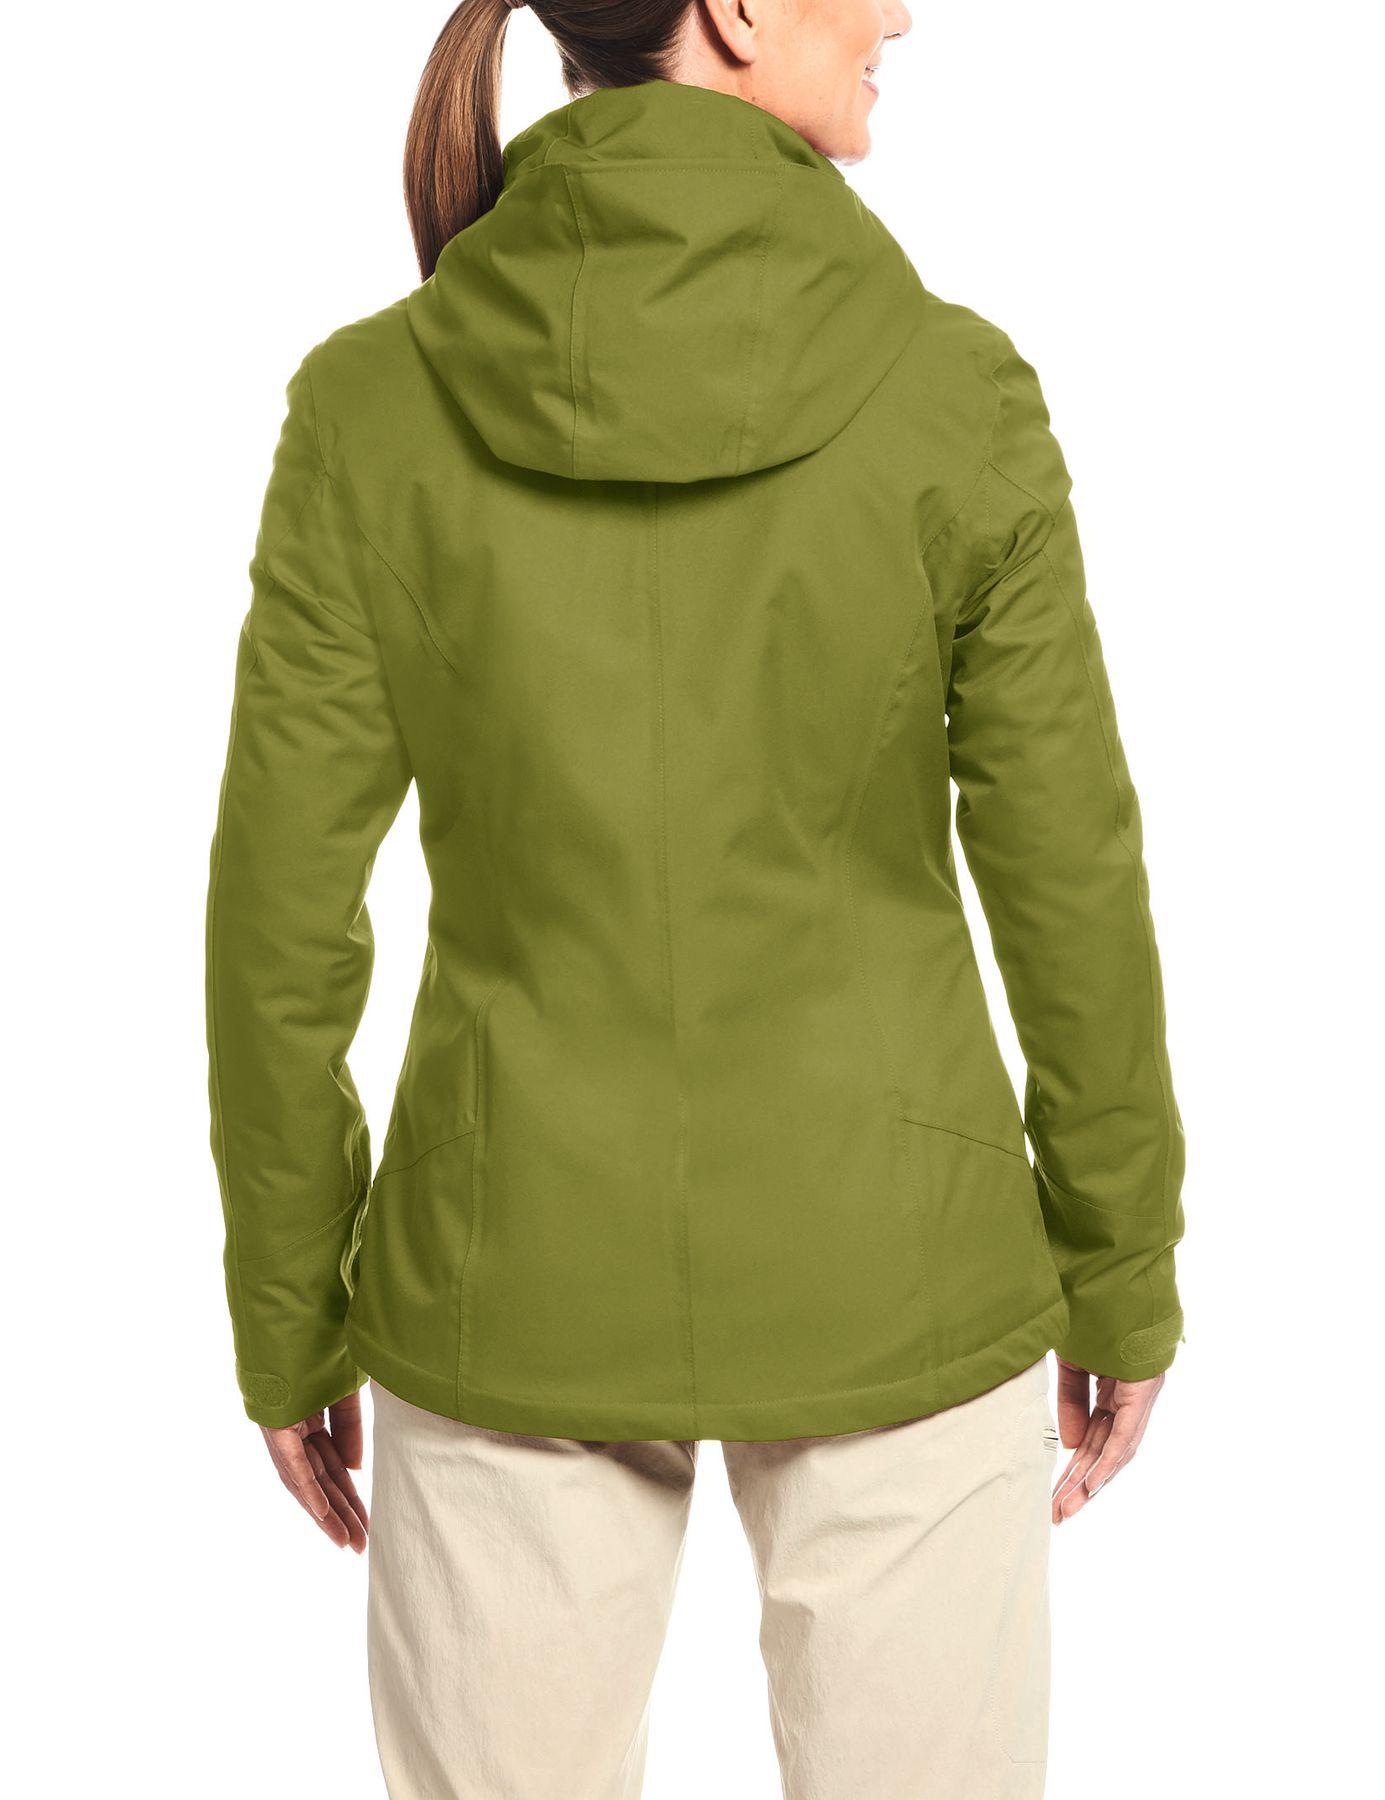 Maier Sports- Damen Freizeit Jacke funktionelle Wetterjacke  Artikel Pajo W (225259) – Bild 4